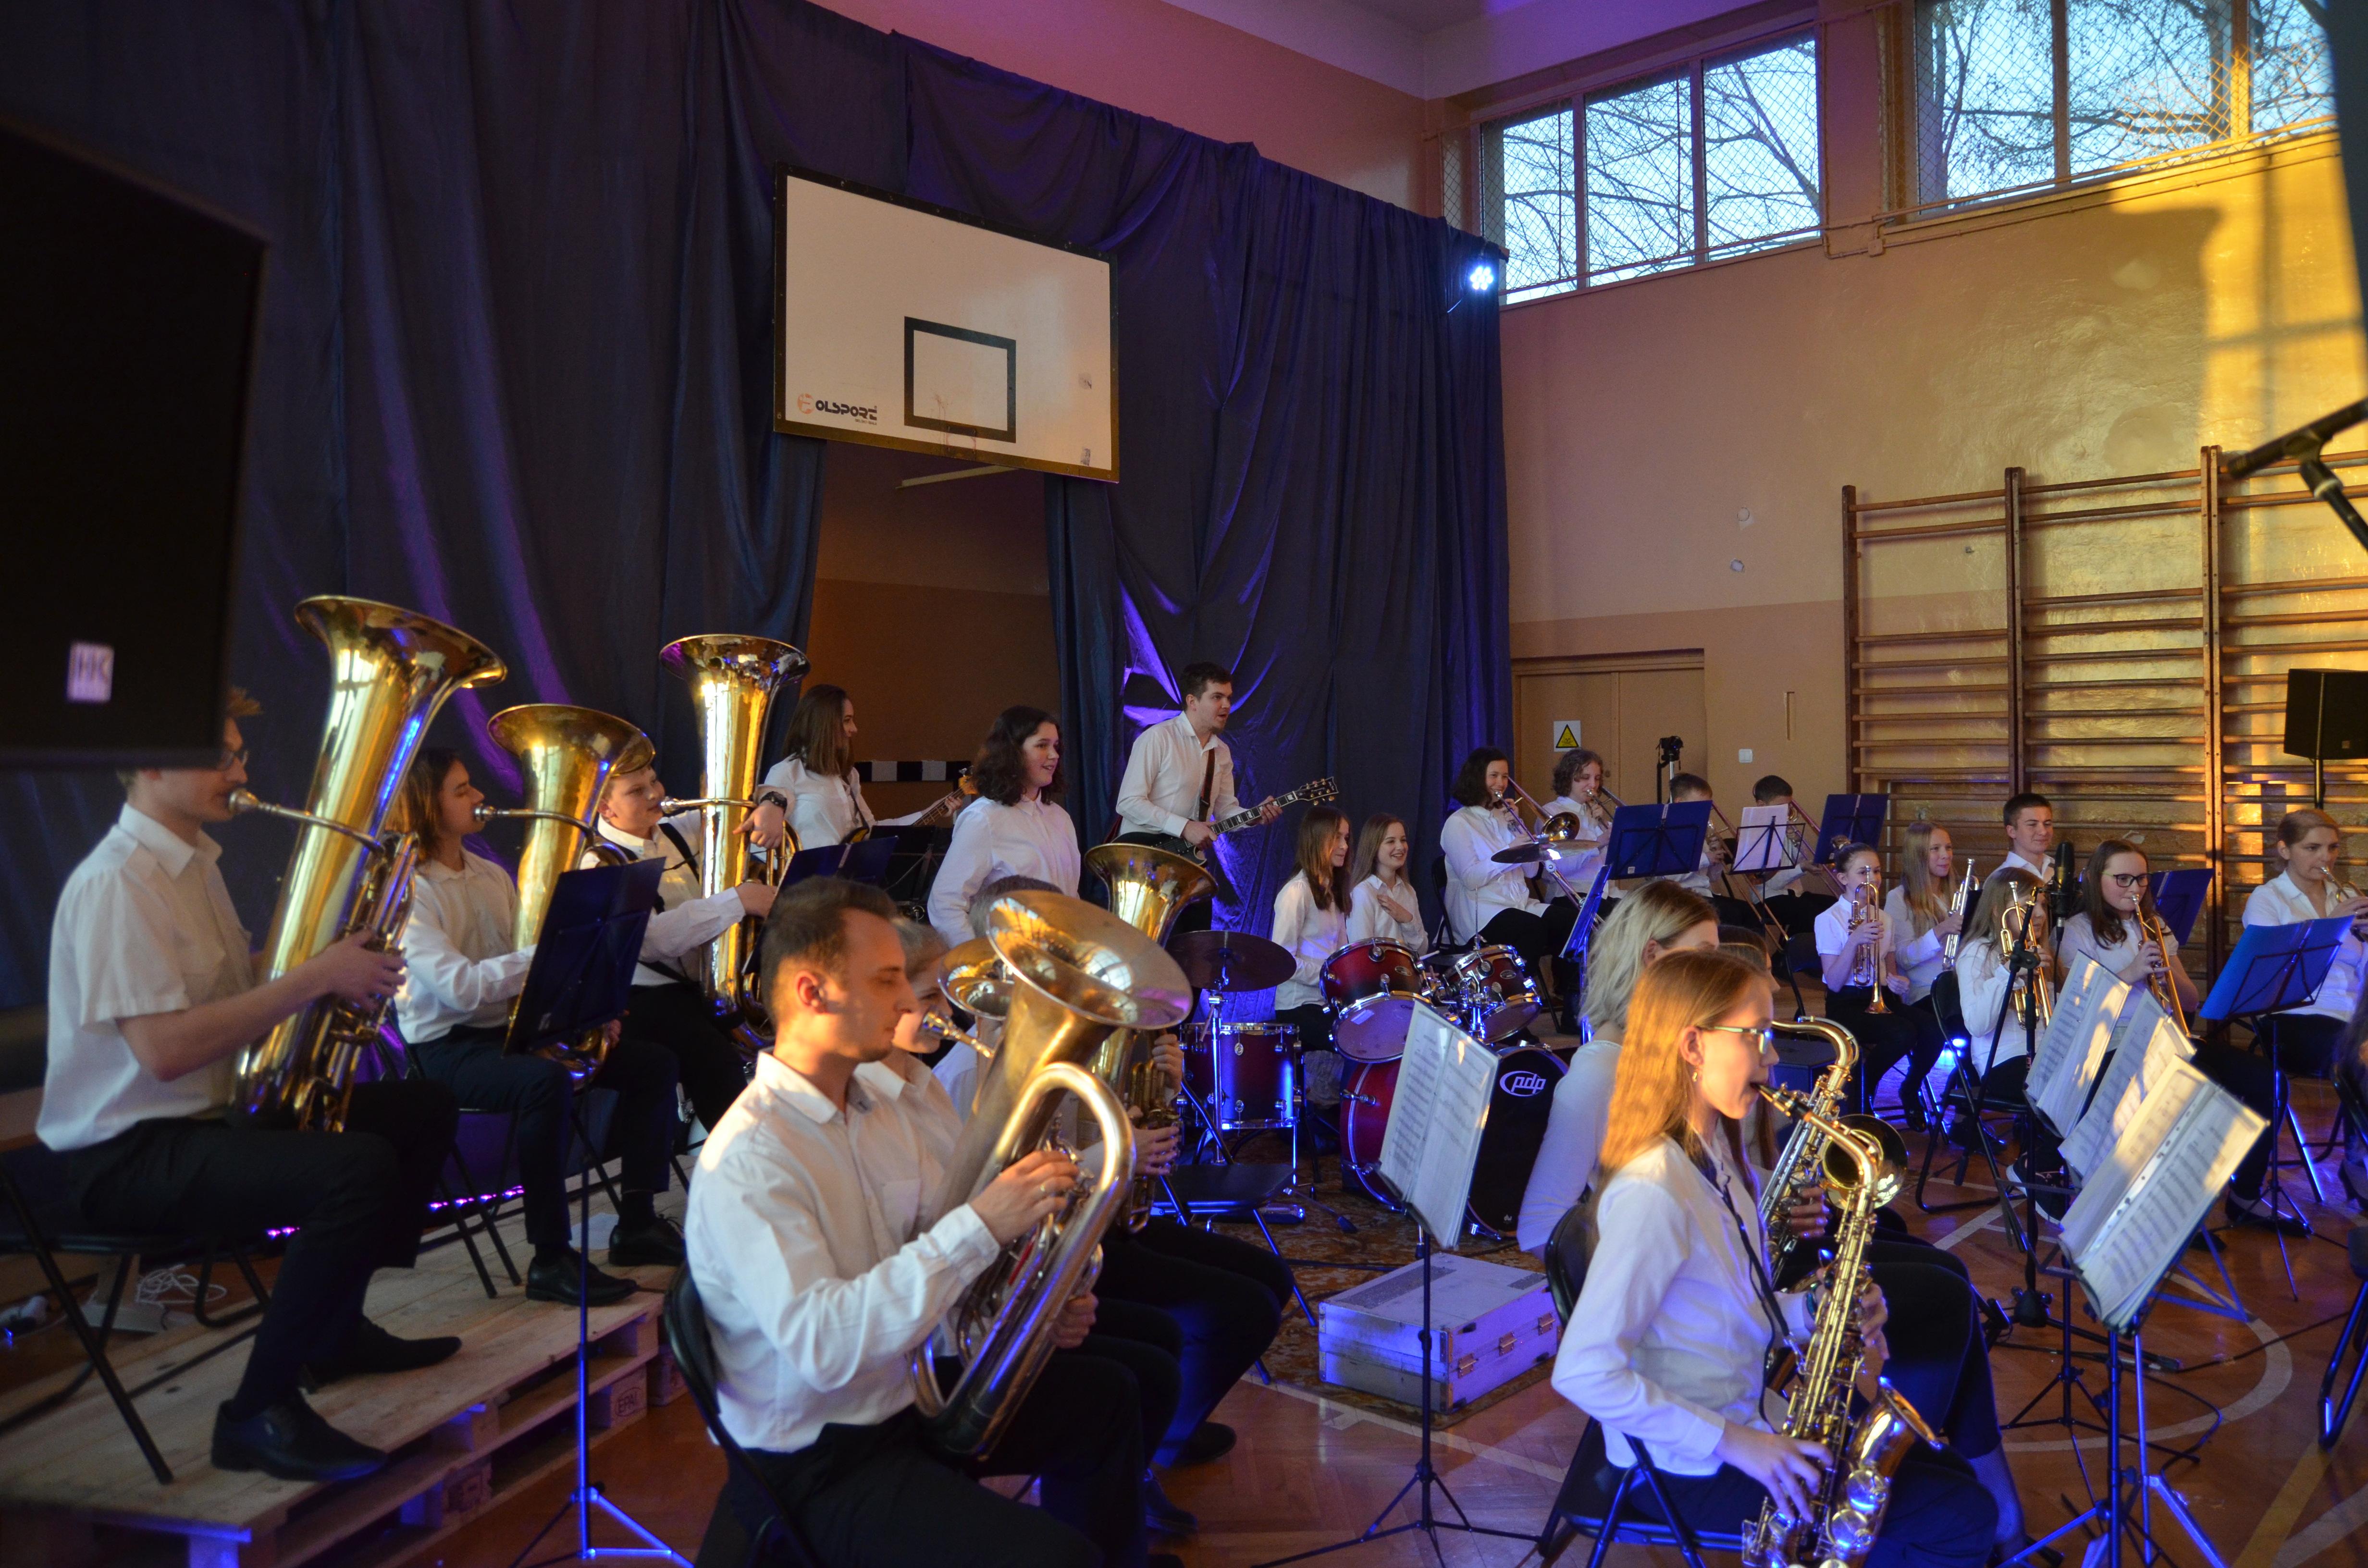 Grupa ludzi grająca na instrumentach podczas koncertu